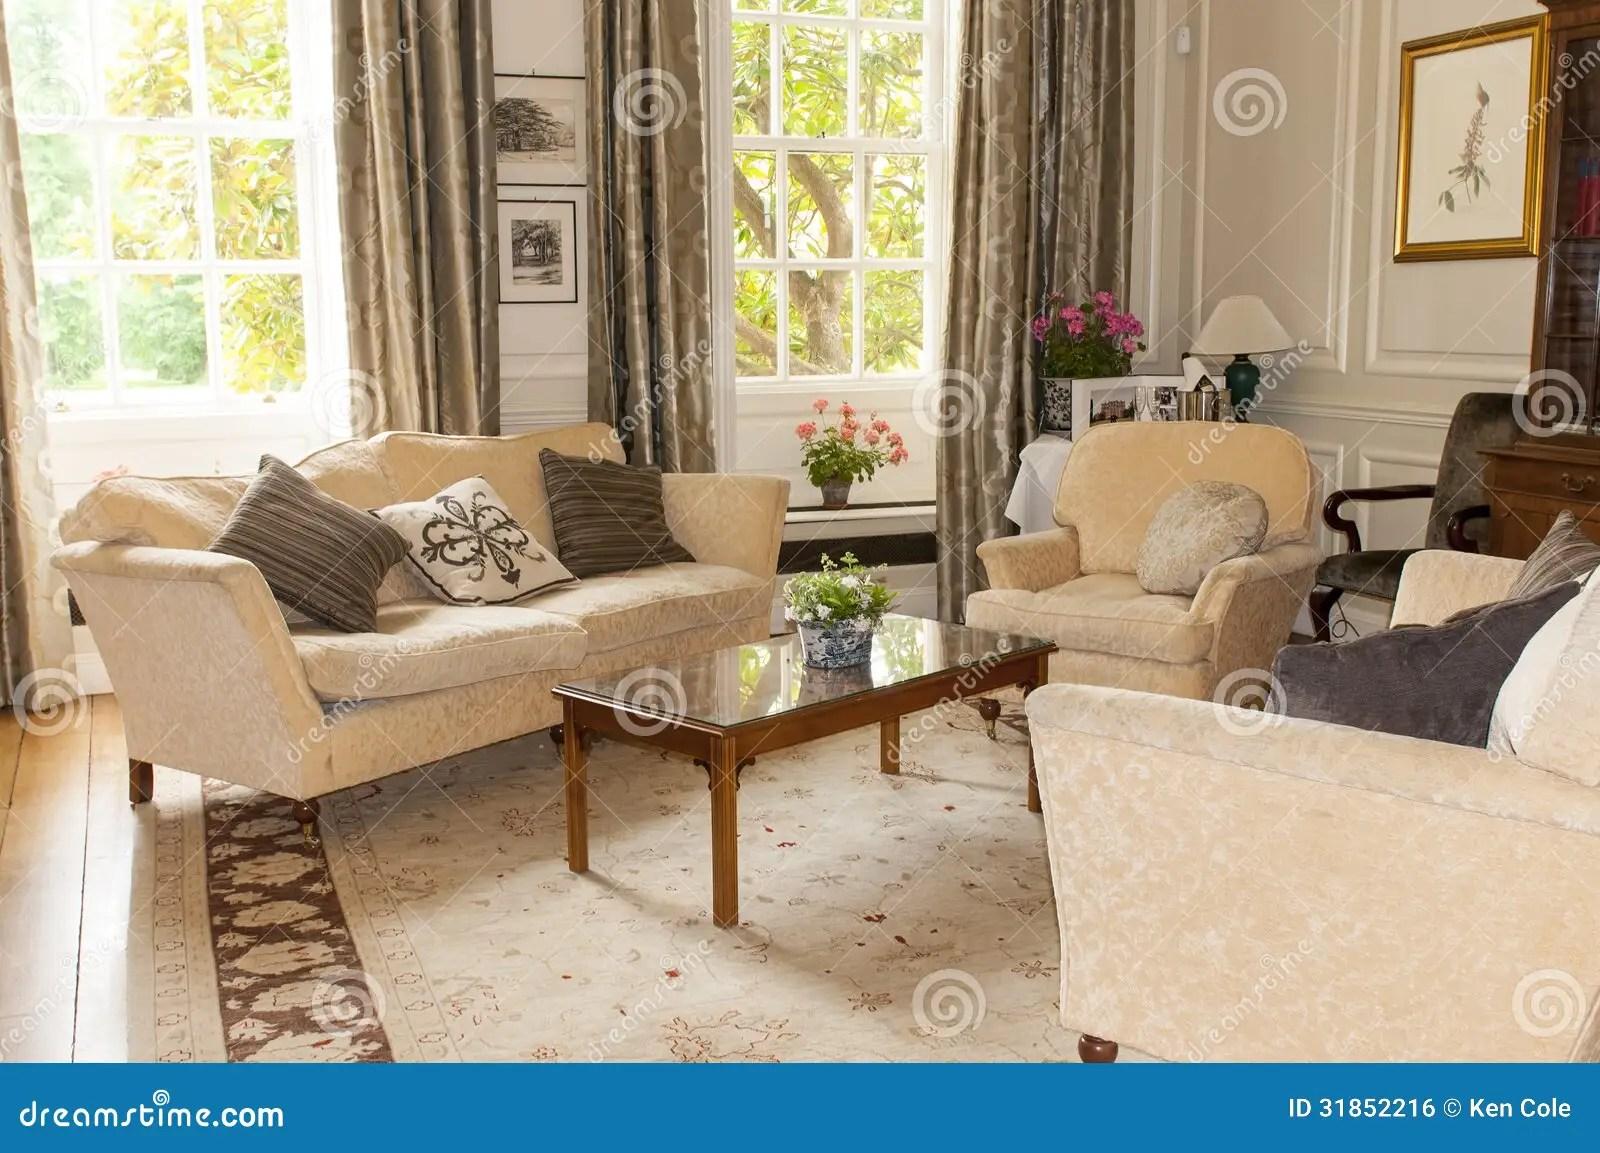 Englische Wohnzimmer Tischdecke Rustikal Hagebutte Rot Tischlaufer